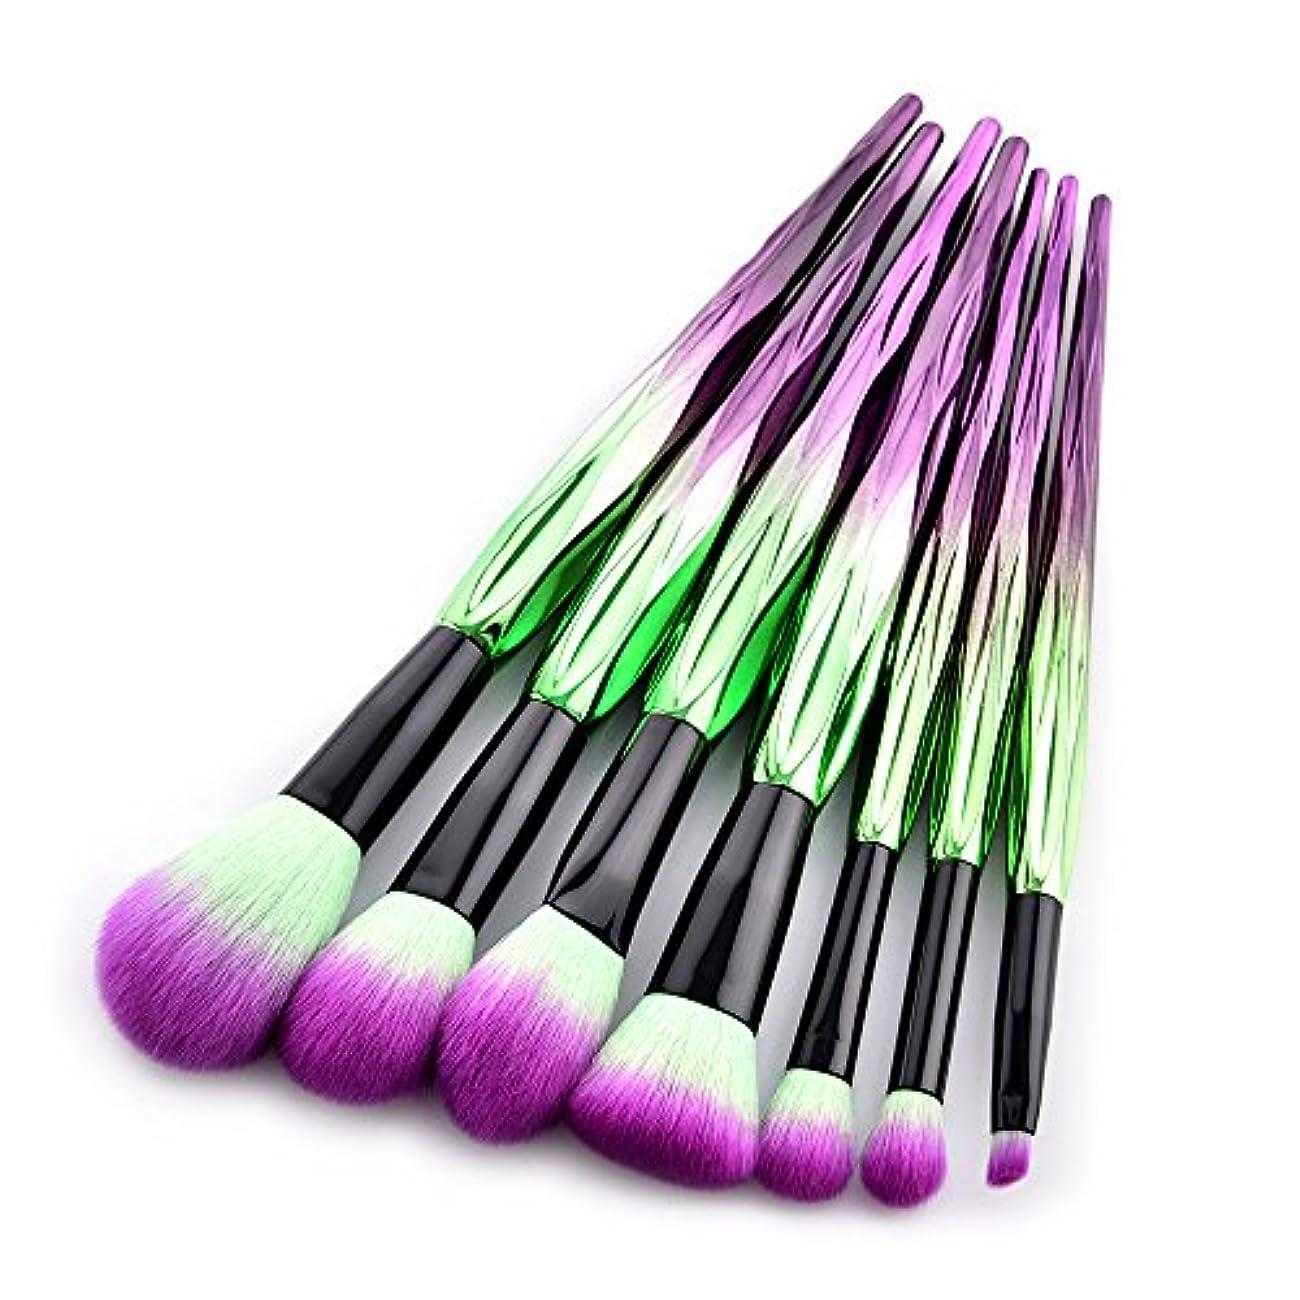 抵当砲兵わかりやすい(プタス)Putars メイクブラシ メイクブラシセット 7本セット 22*12*1.4cm 紫 緑 ベースメイク 化粧ブラシ ふわふわ お肌に優しい 毛量たっぷり メイク道具 プレゼント